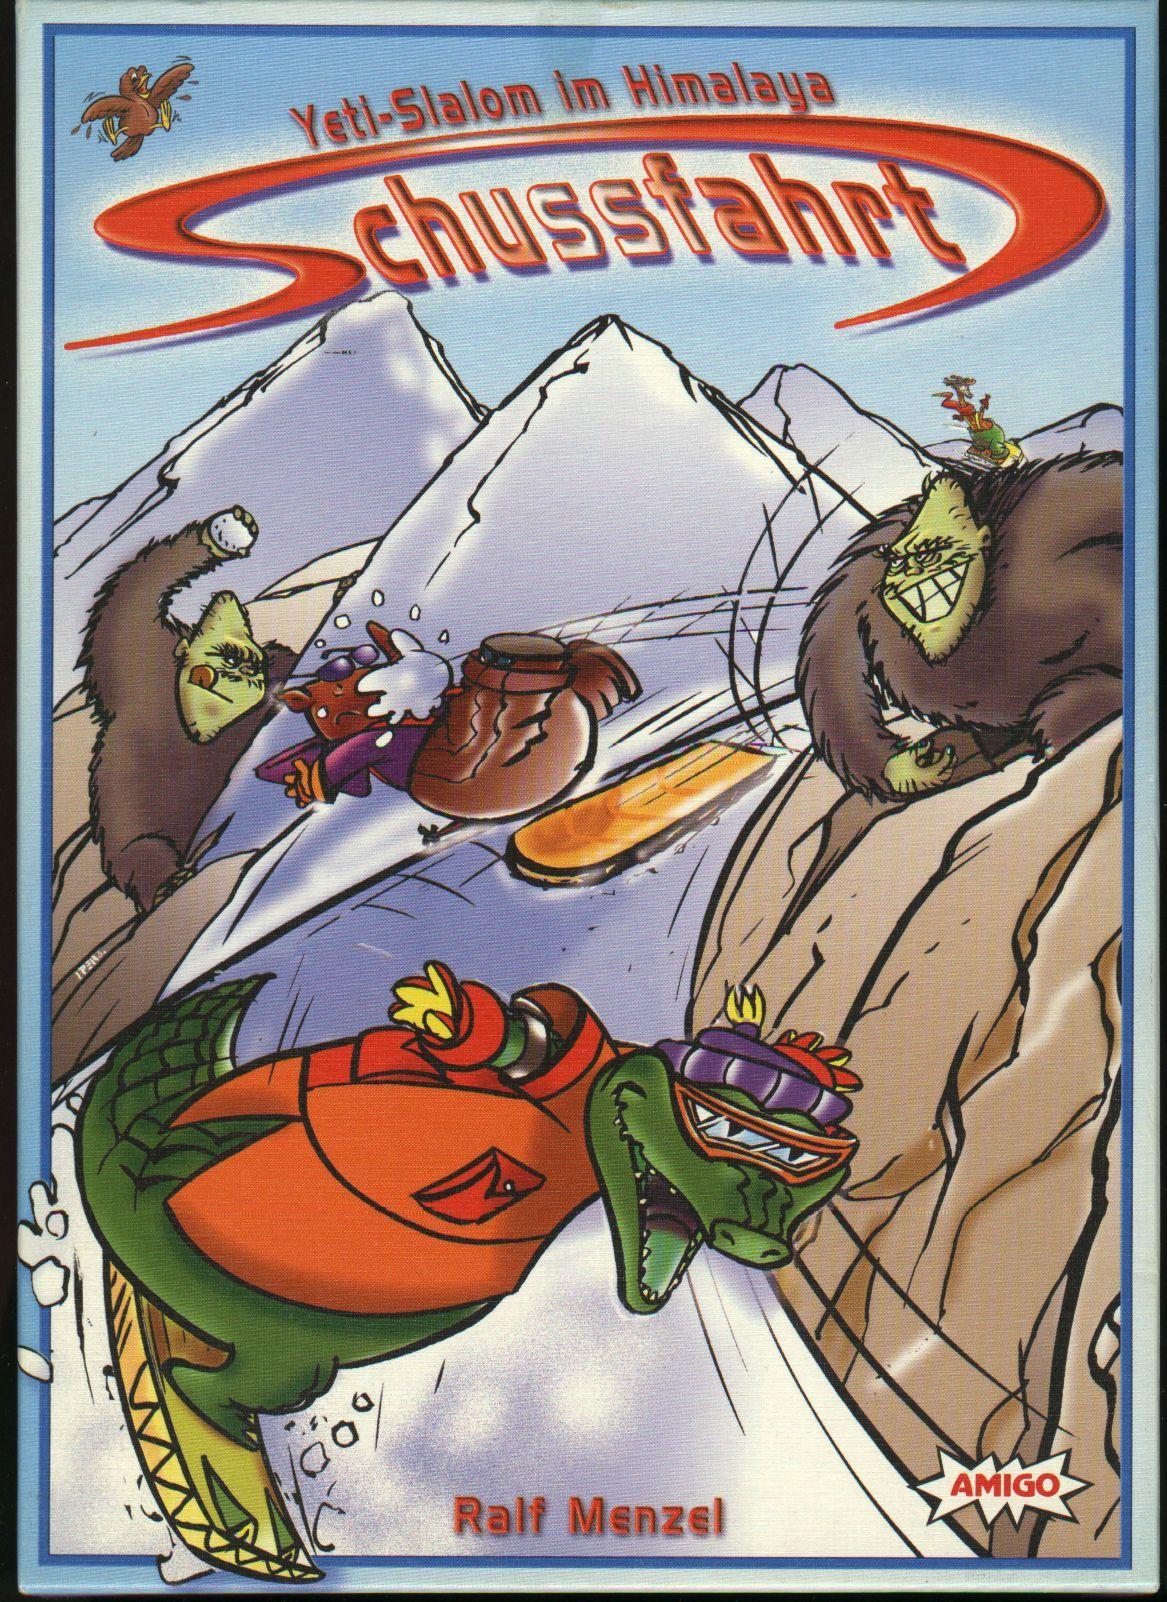 The Yeti Slalom